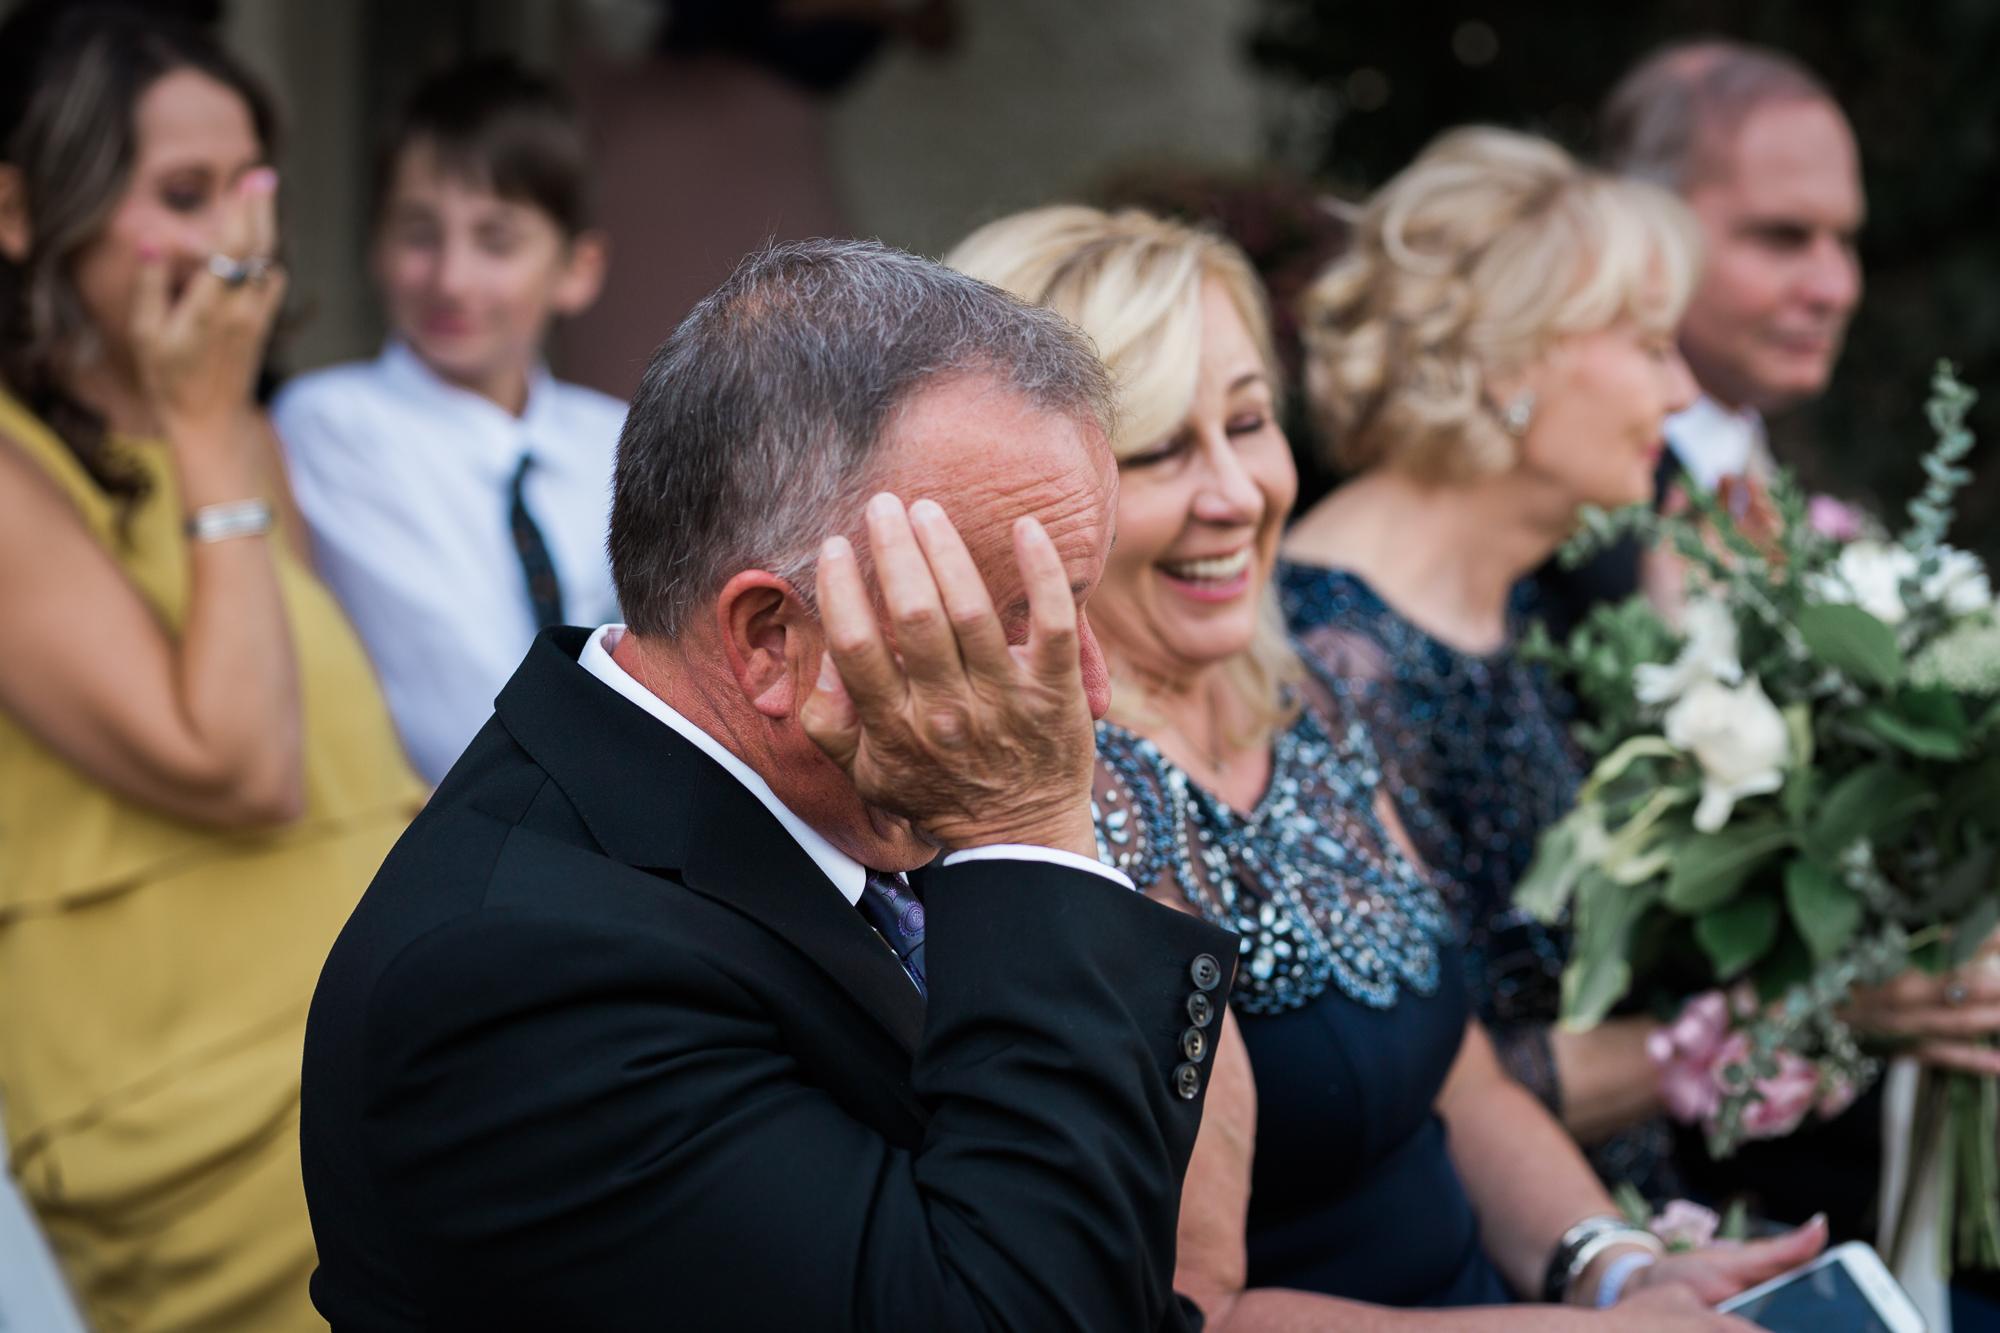 Deanna-Rachel-Photography-calgary-Wedding-photographer-jm-1-2.jpg